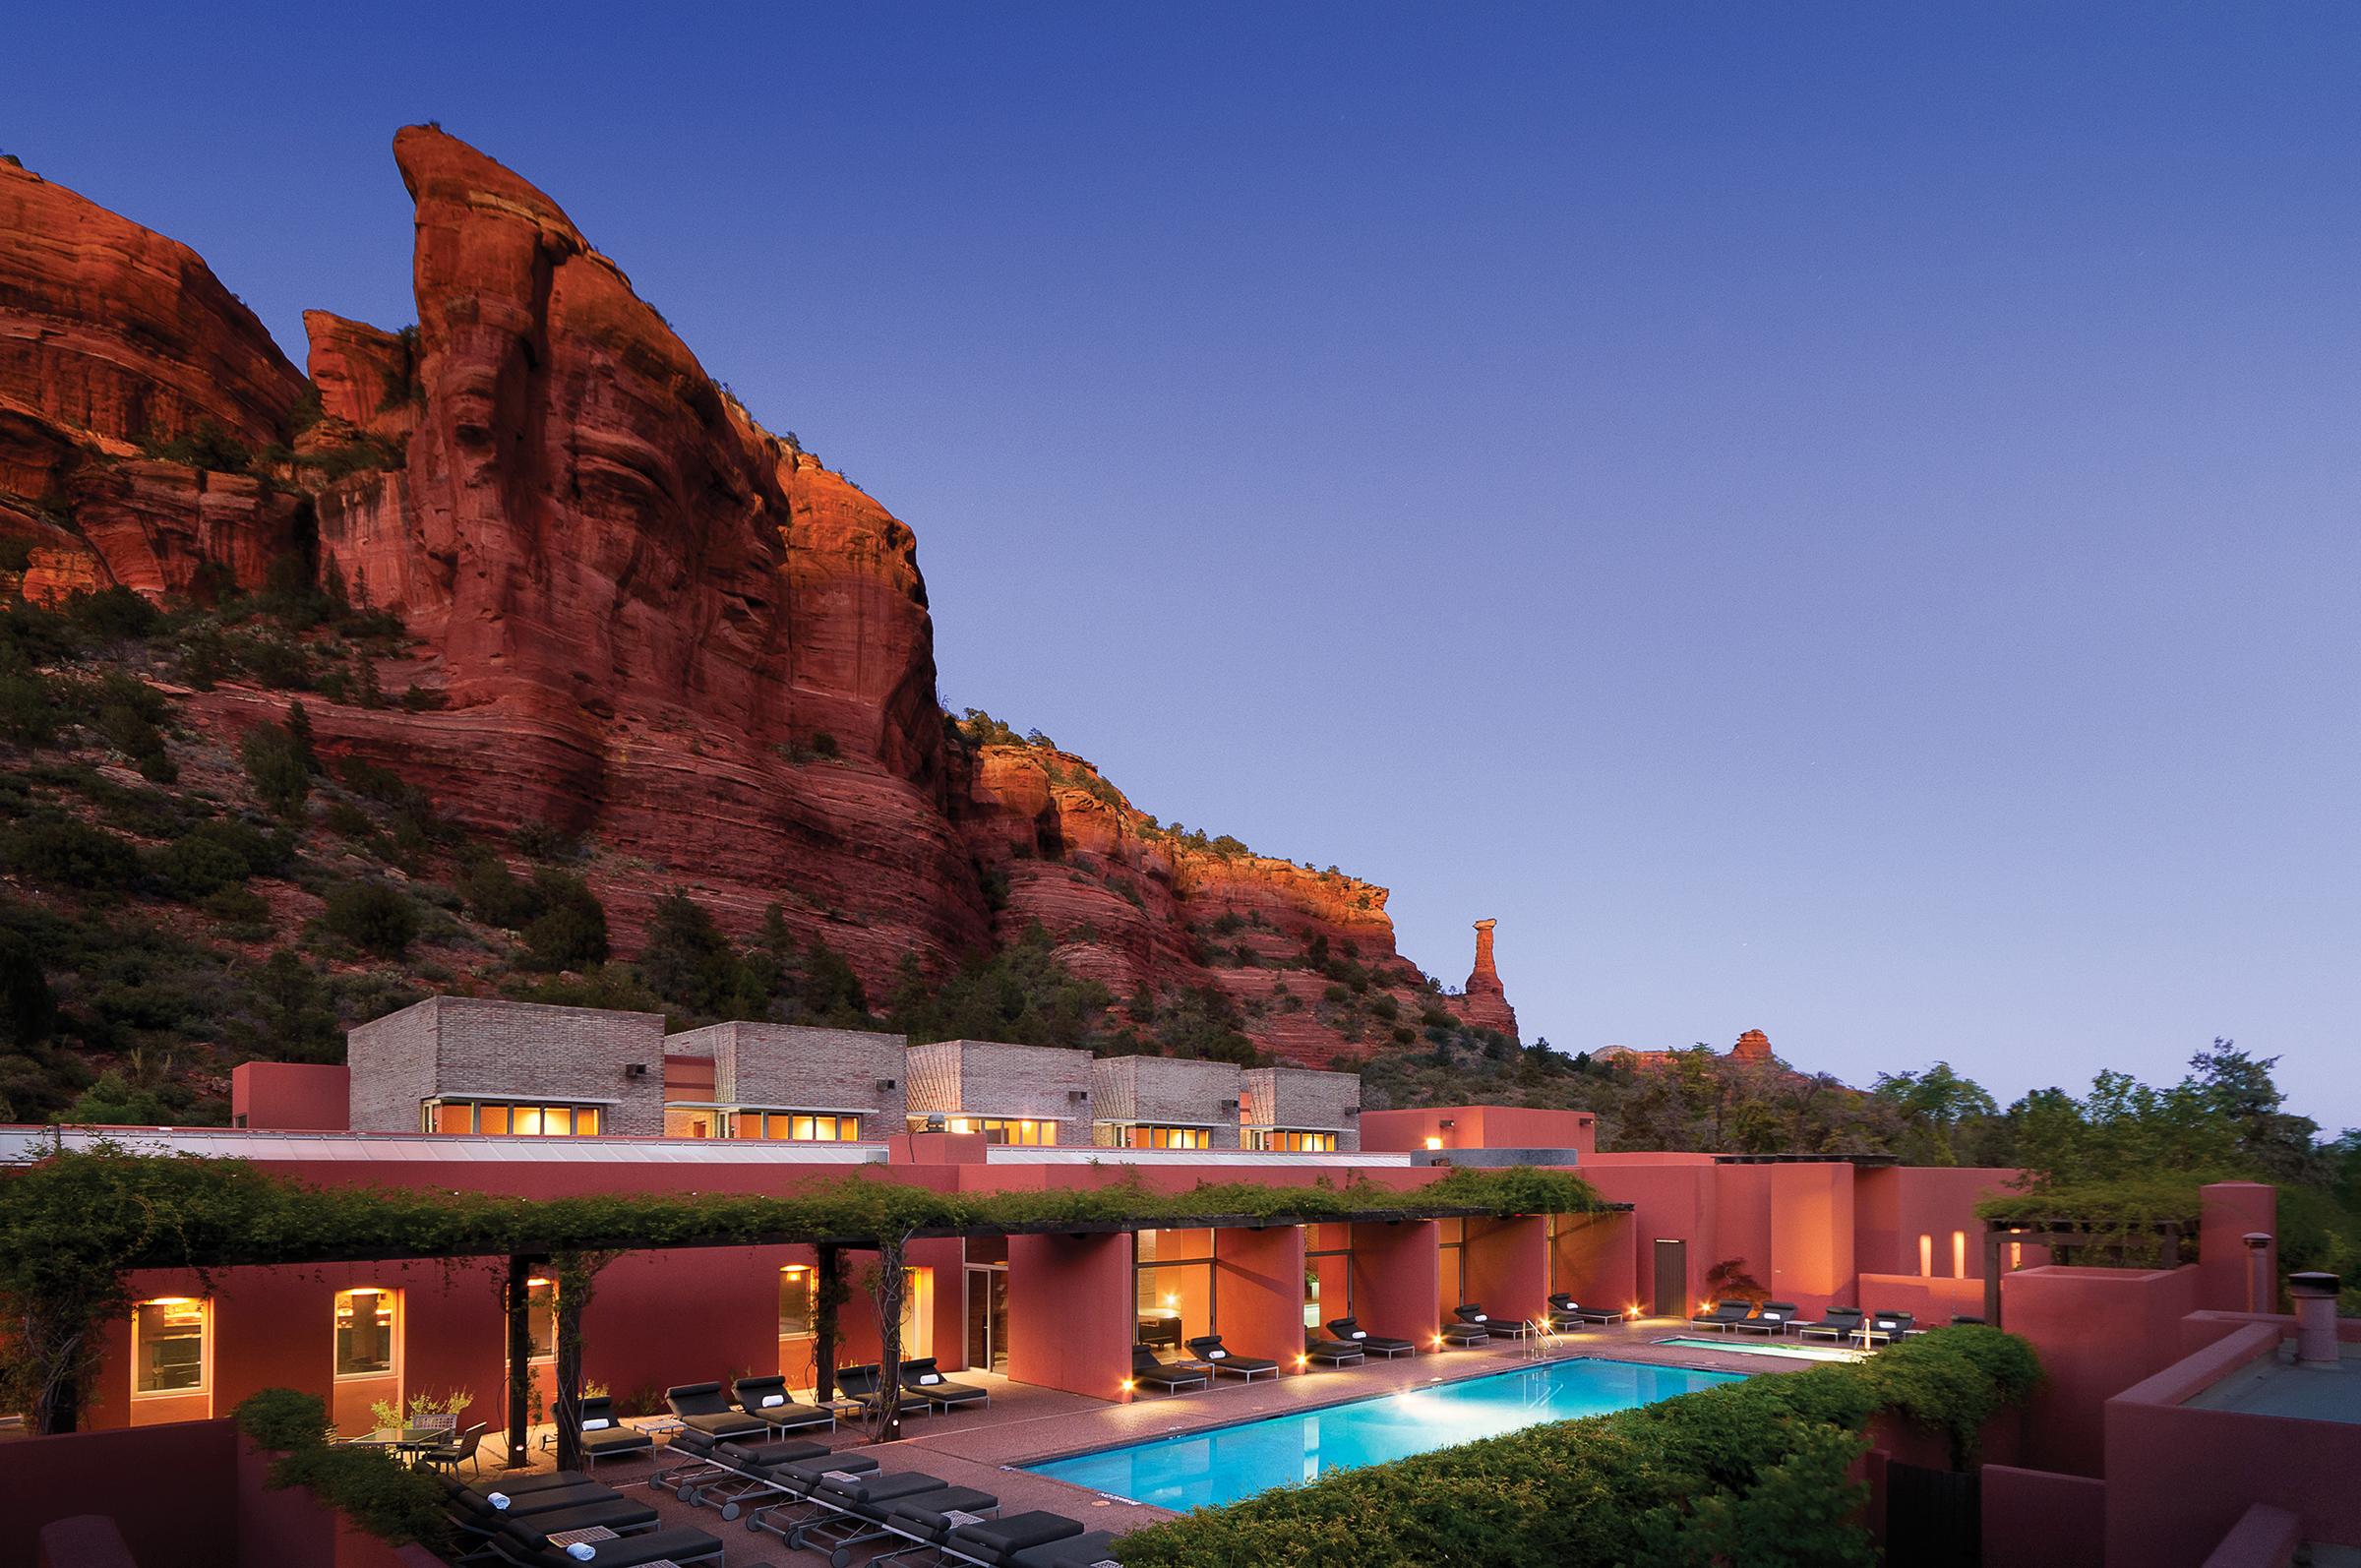 Mii amo Sedona Arizona